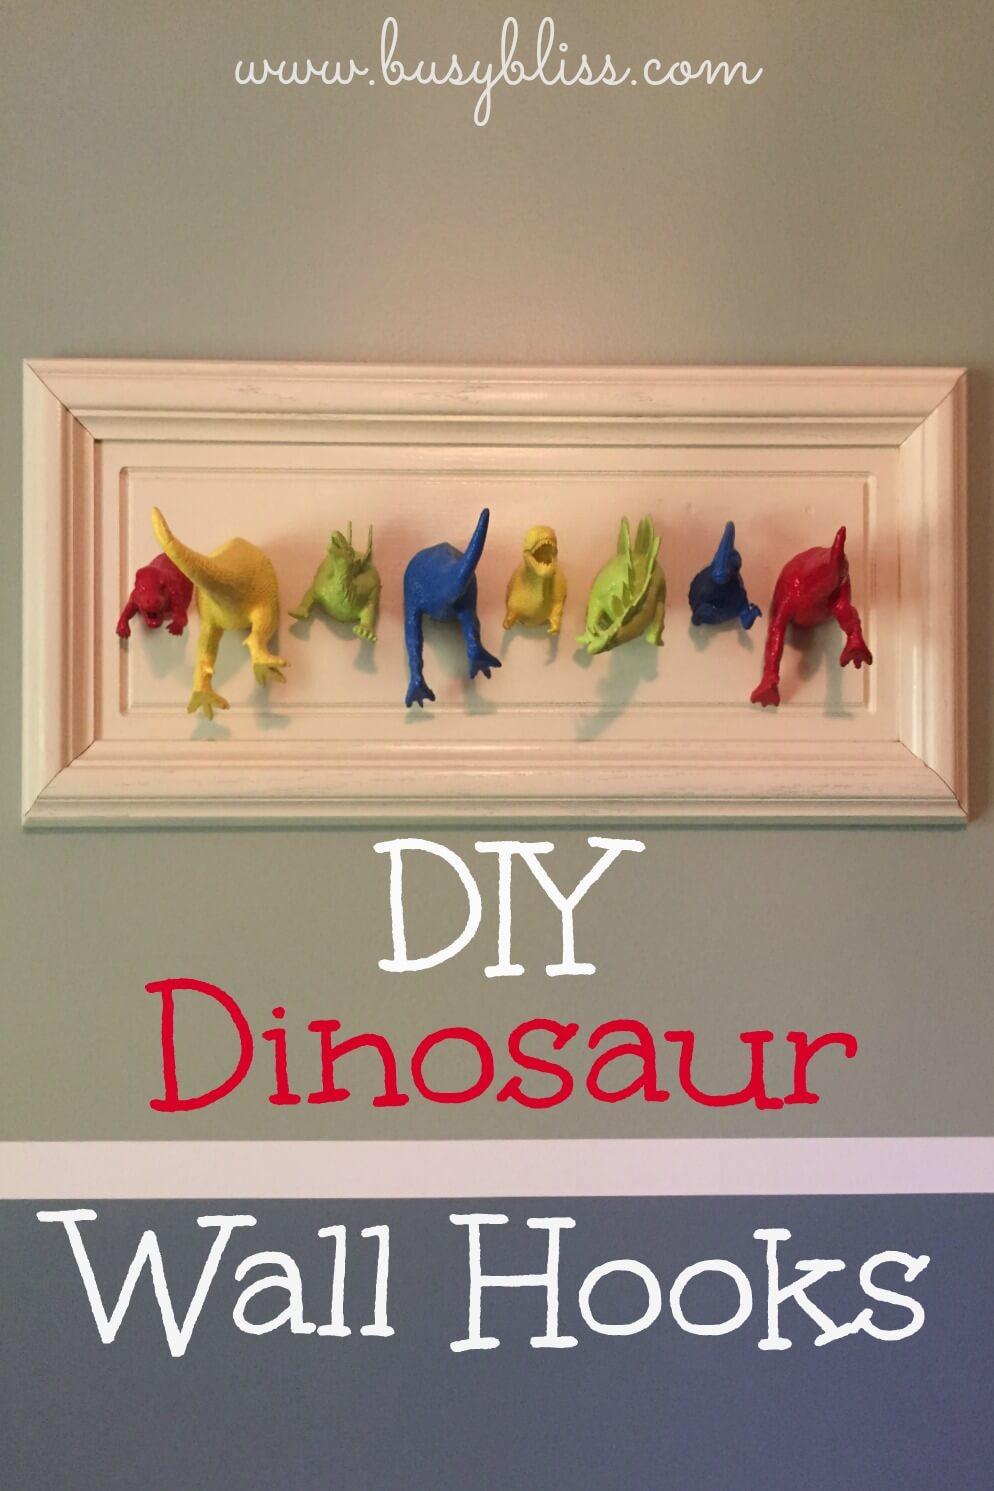 DIY Dinosaur Wall Hooks - Busy Bliss